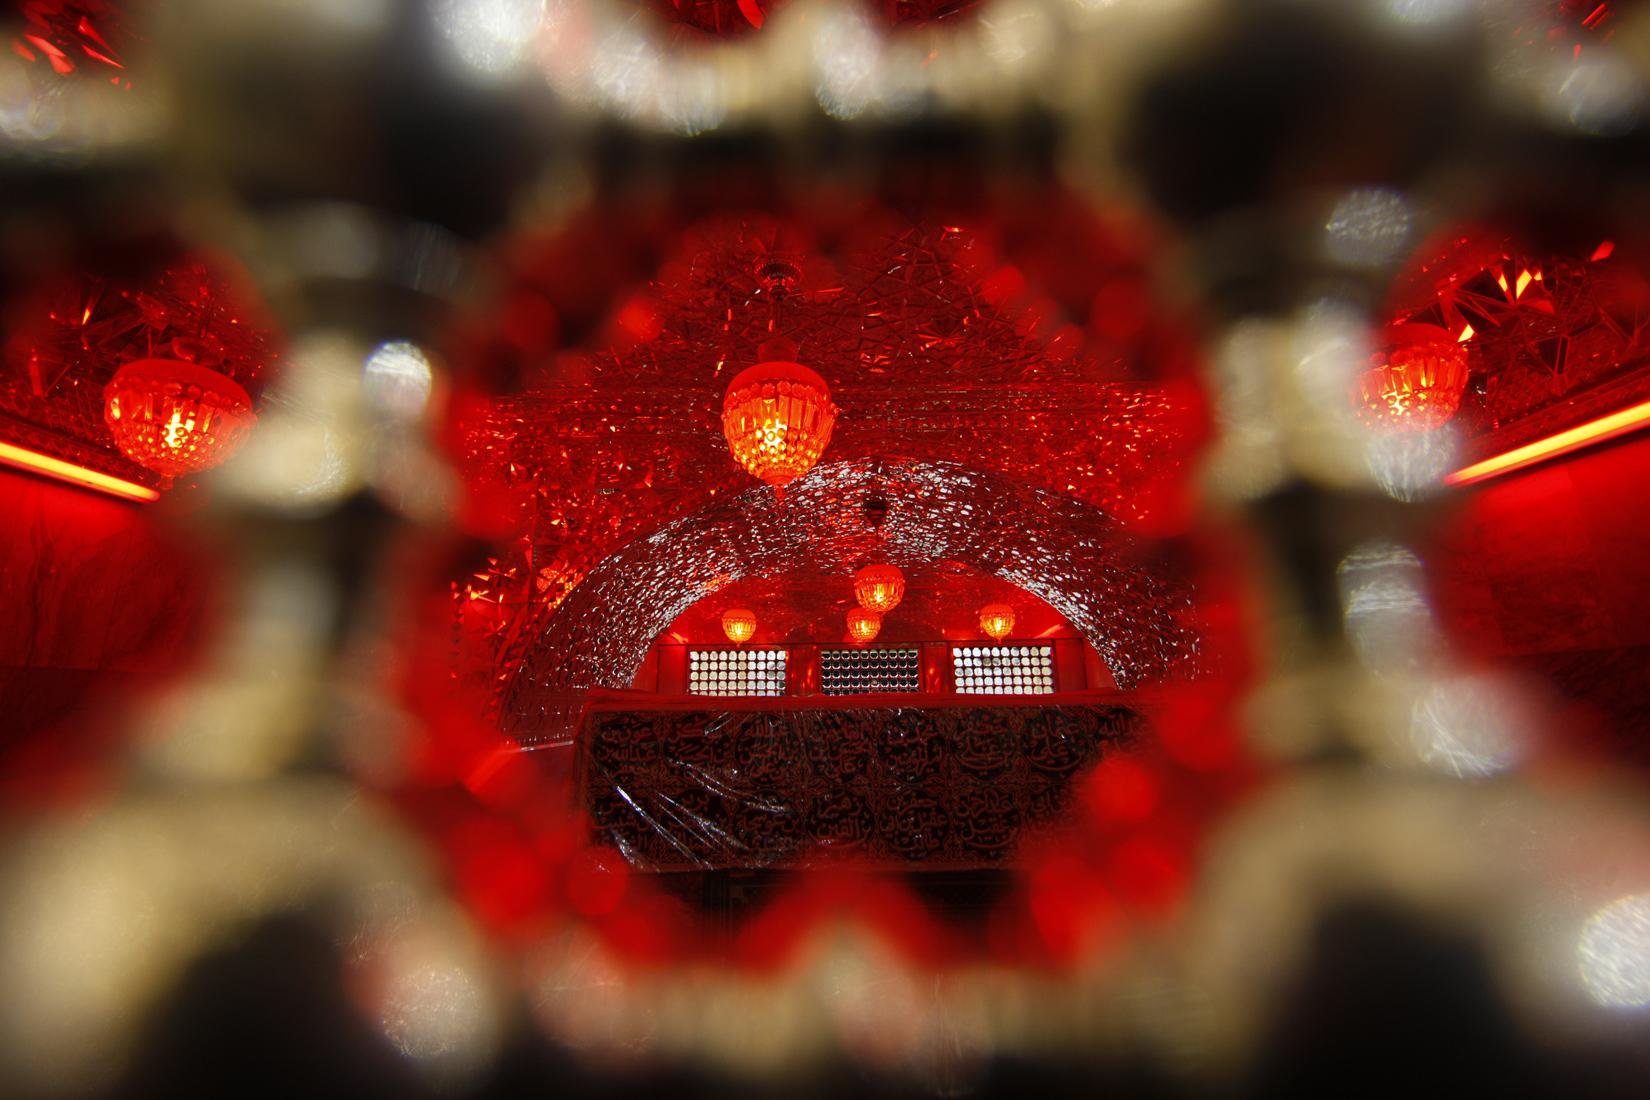 Imam_Hossein(138)-Karbobala.com